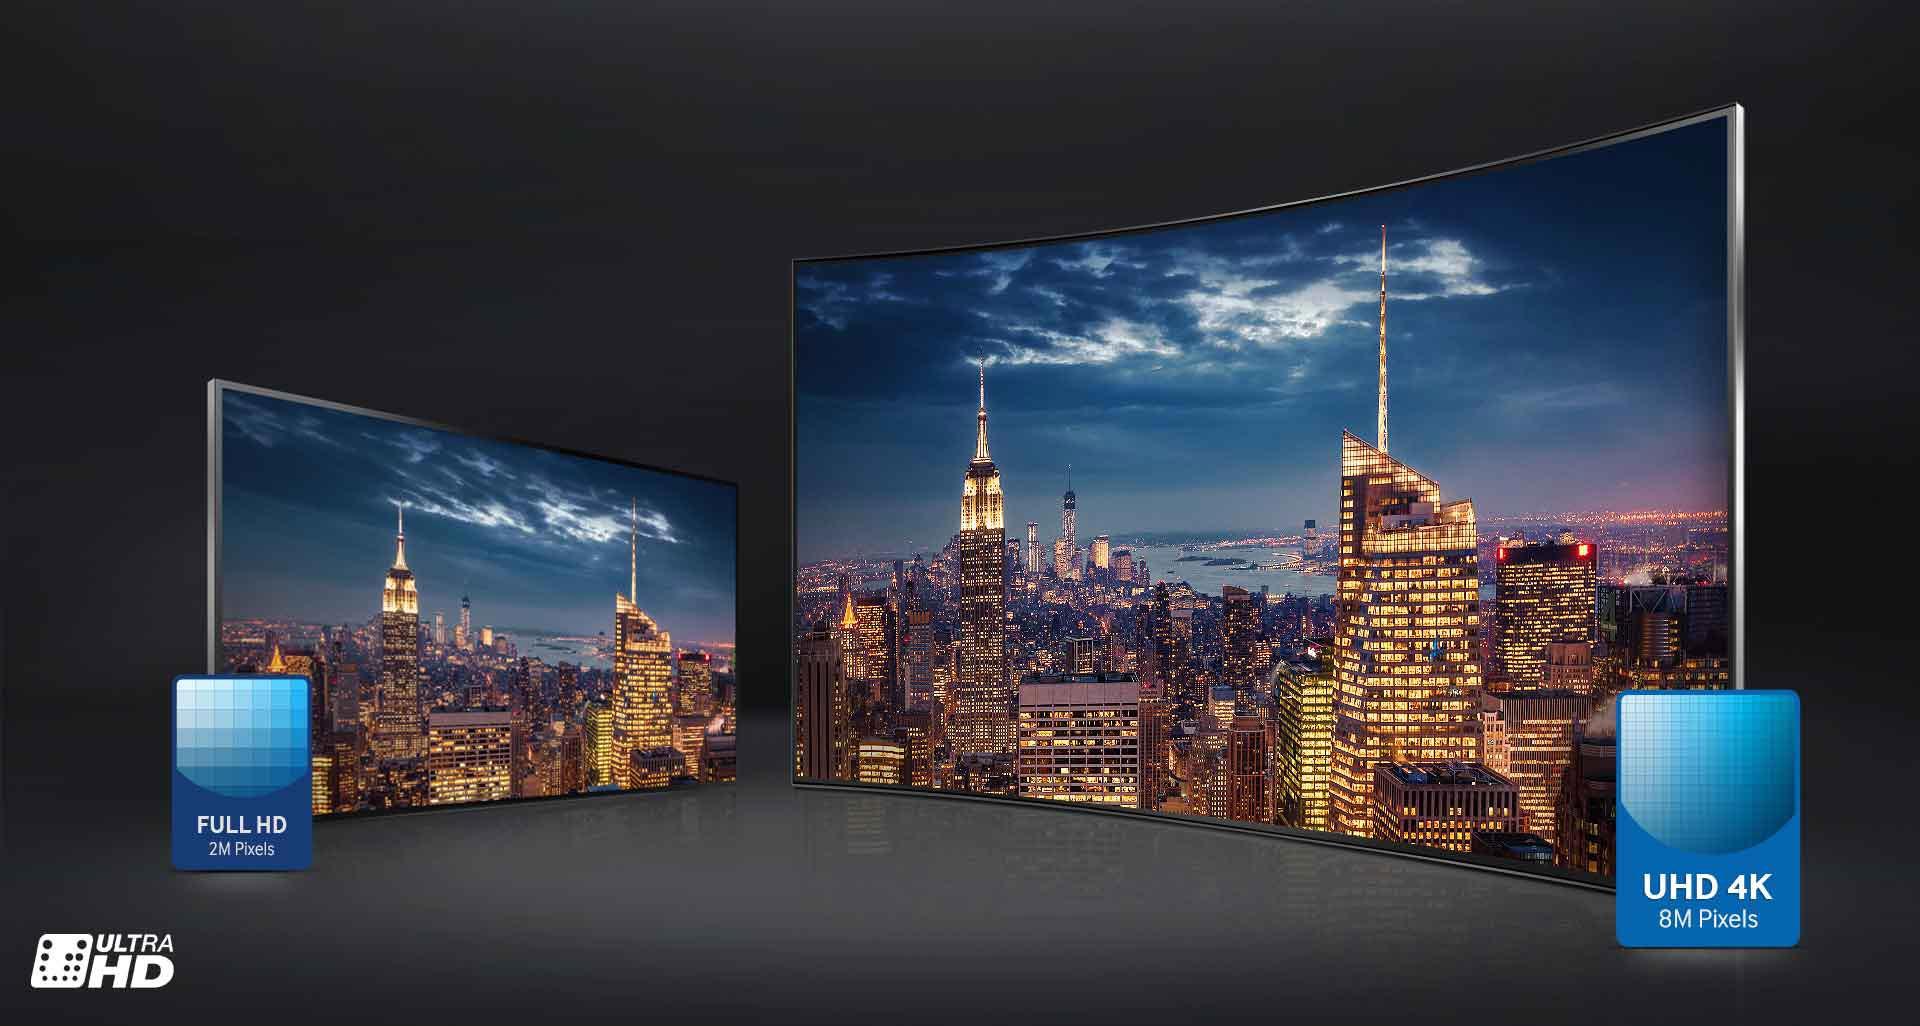 تلویزیون ال ای دی منحنی سامسونگ 48 اینچ سری 7 اسمارت JUC7920